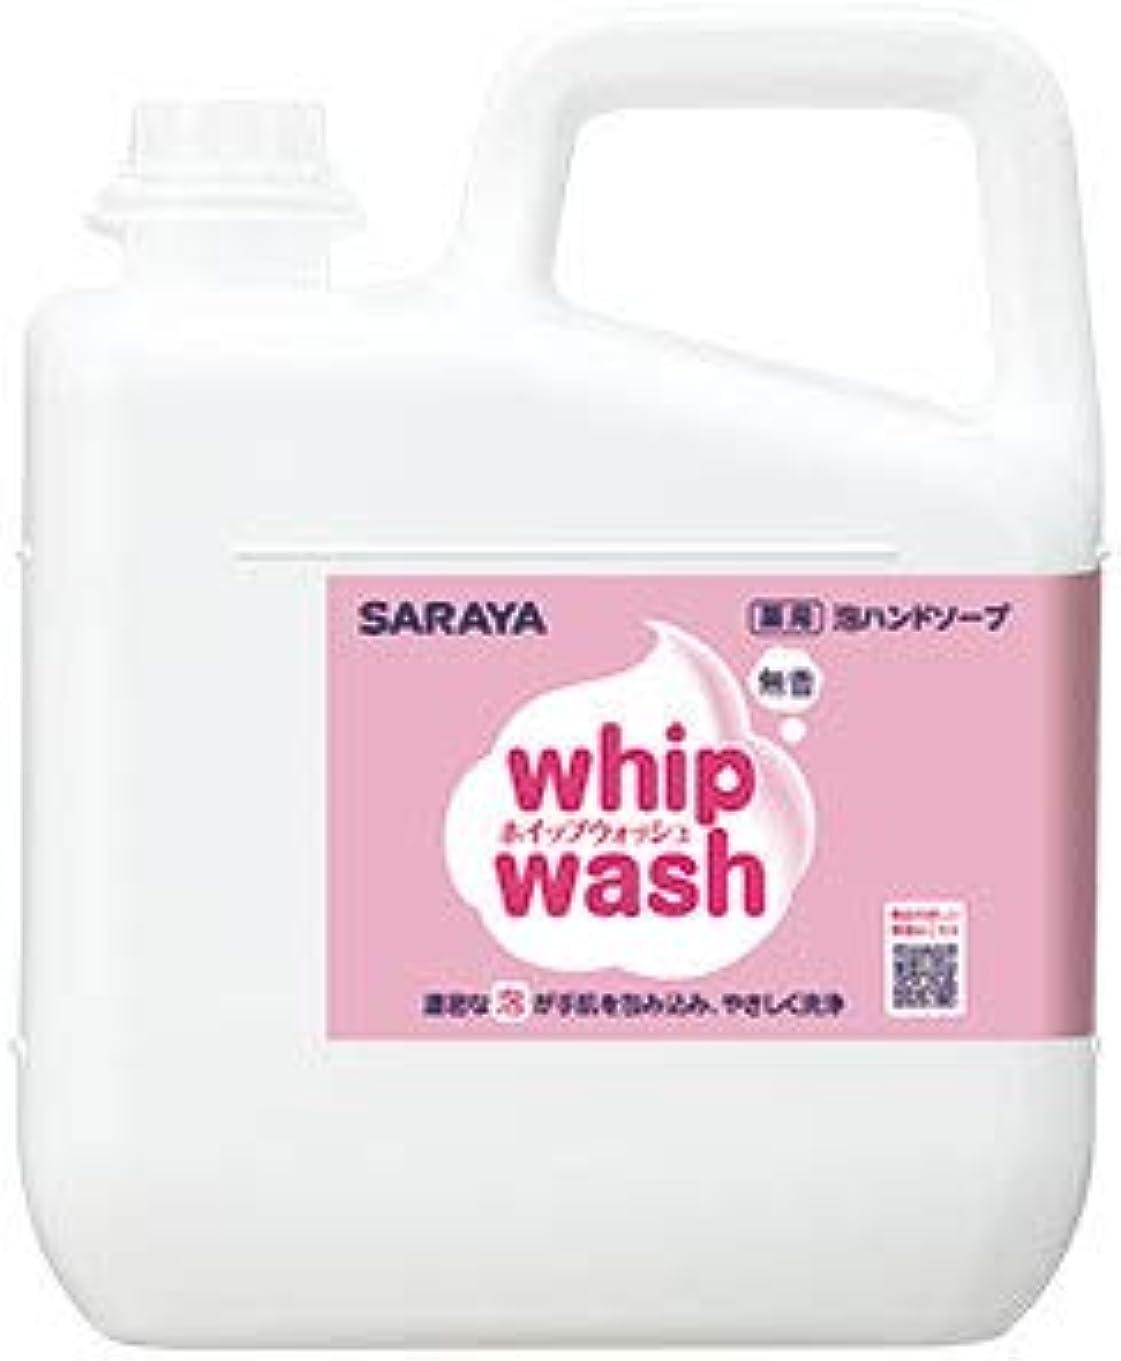 サラヤ ホイップウォッシュ 手洗い用石けん液 ホイップウォッシュ無香 5kg 23453